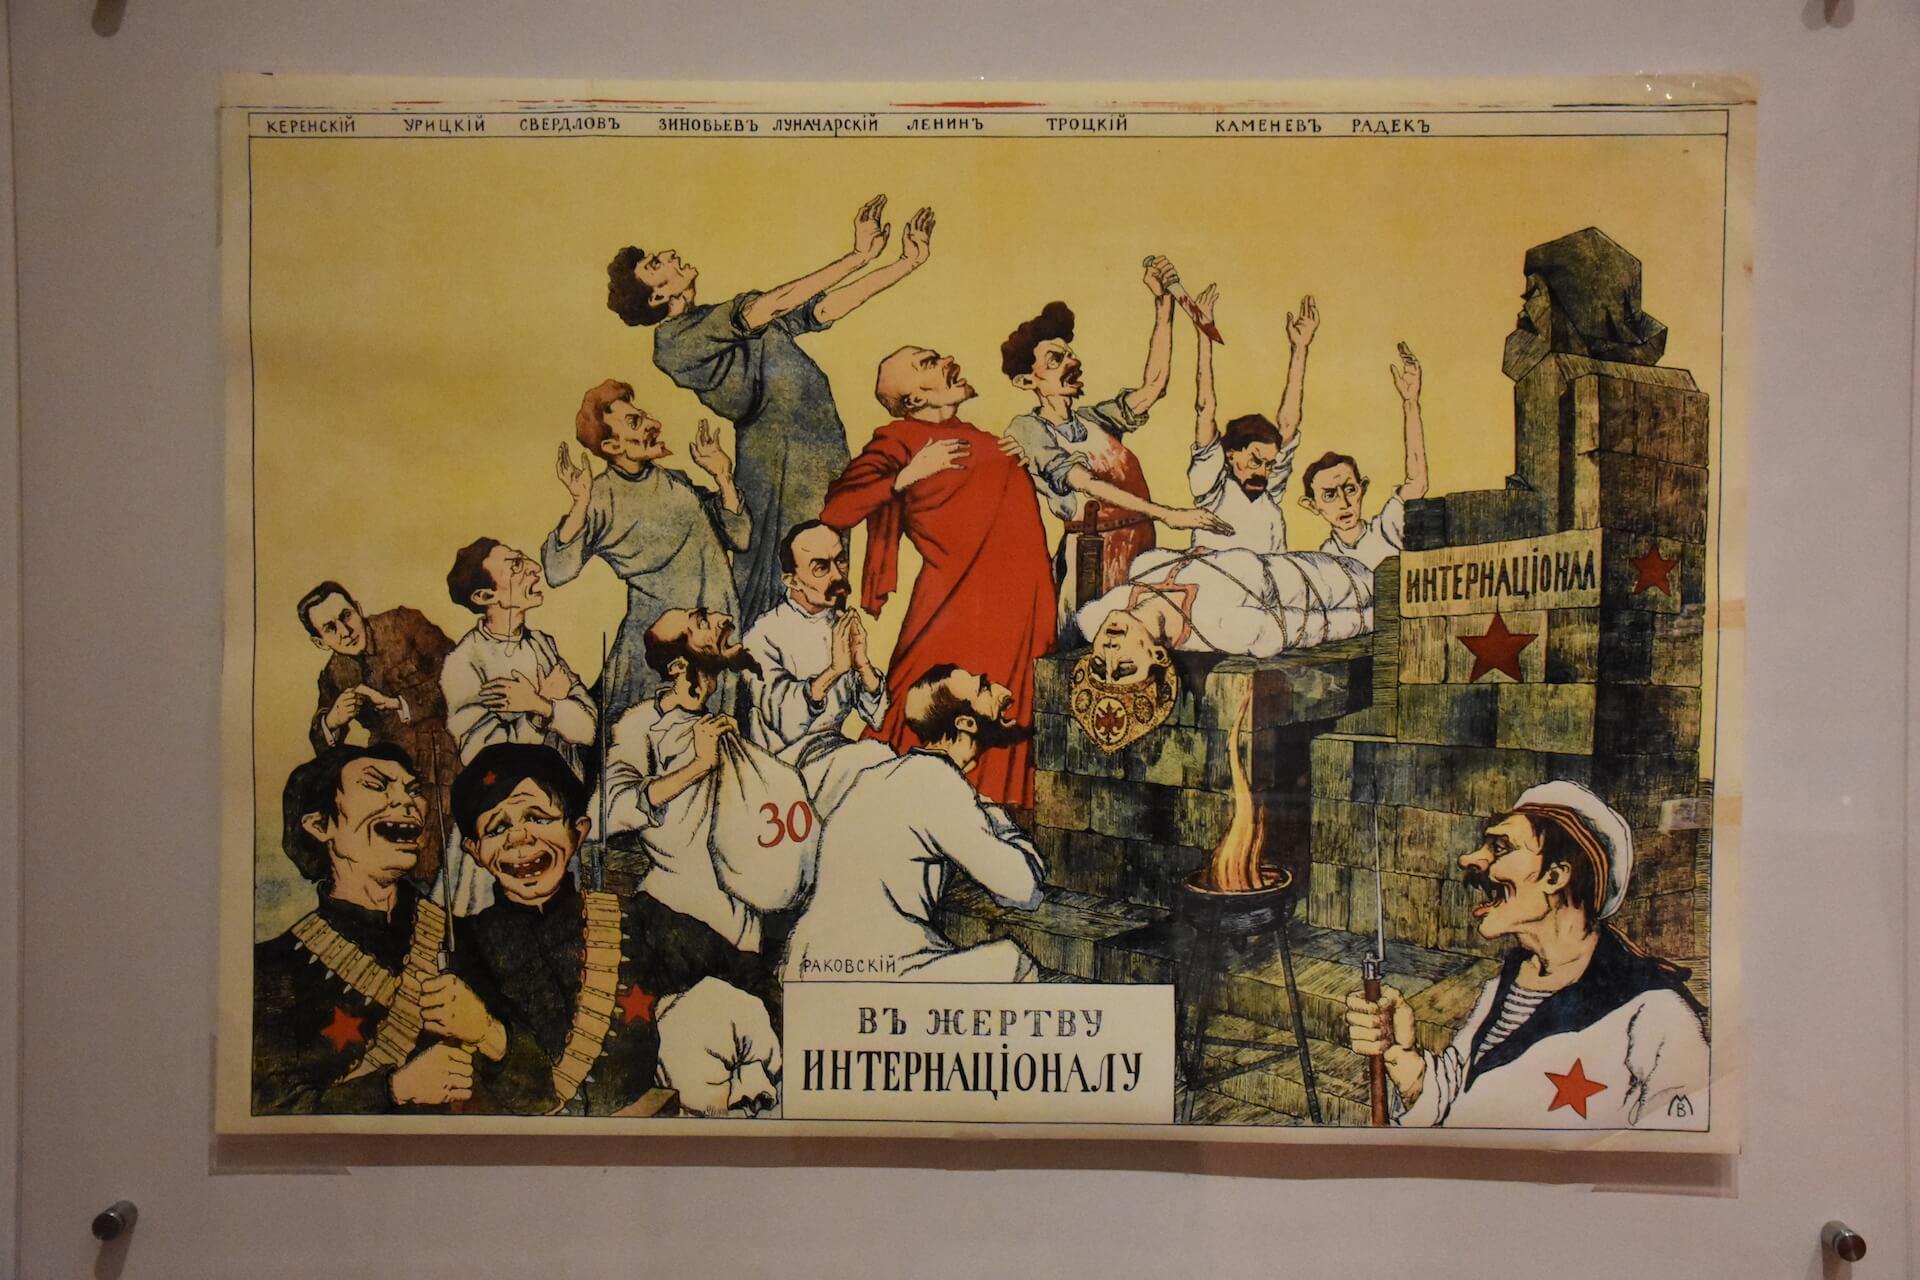 Centenario de la Revolución